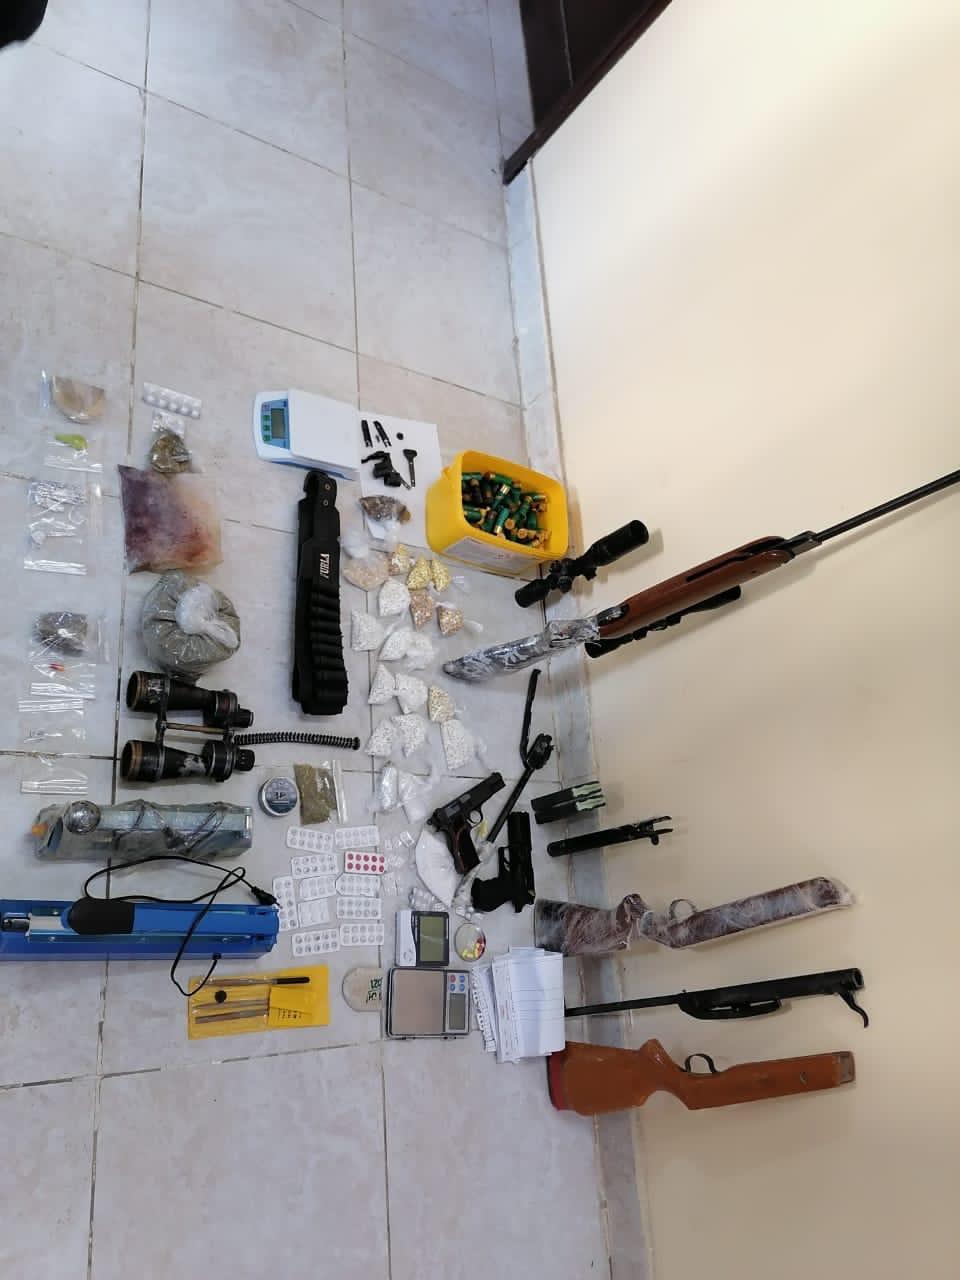 القبض على 4 مروجين للمواد المخدرة مصنفين بالخطرين في سلسلة مداهمات في لواء الرمثا